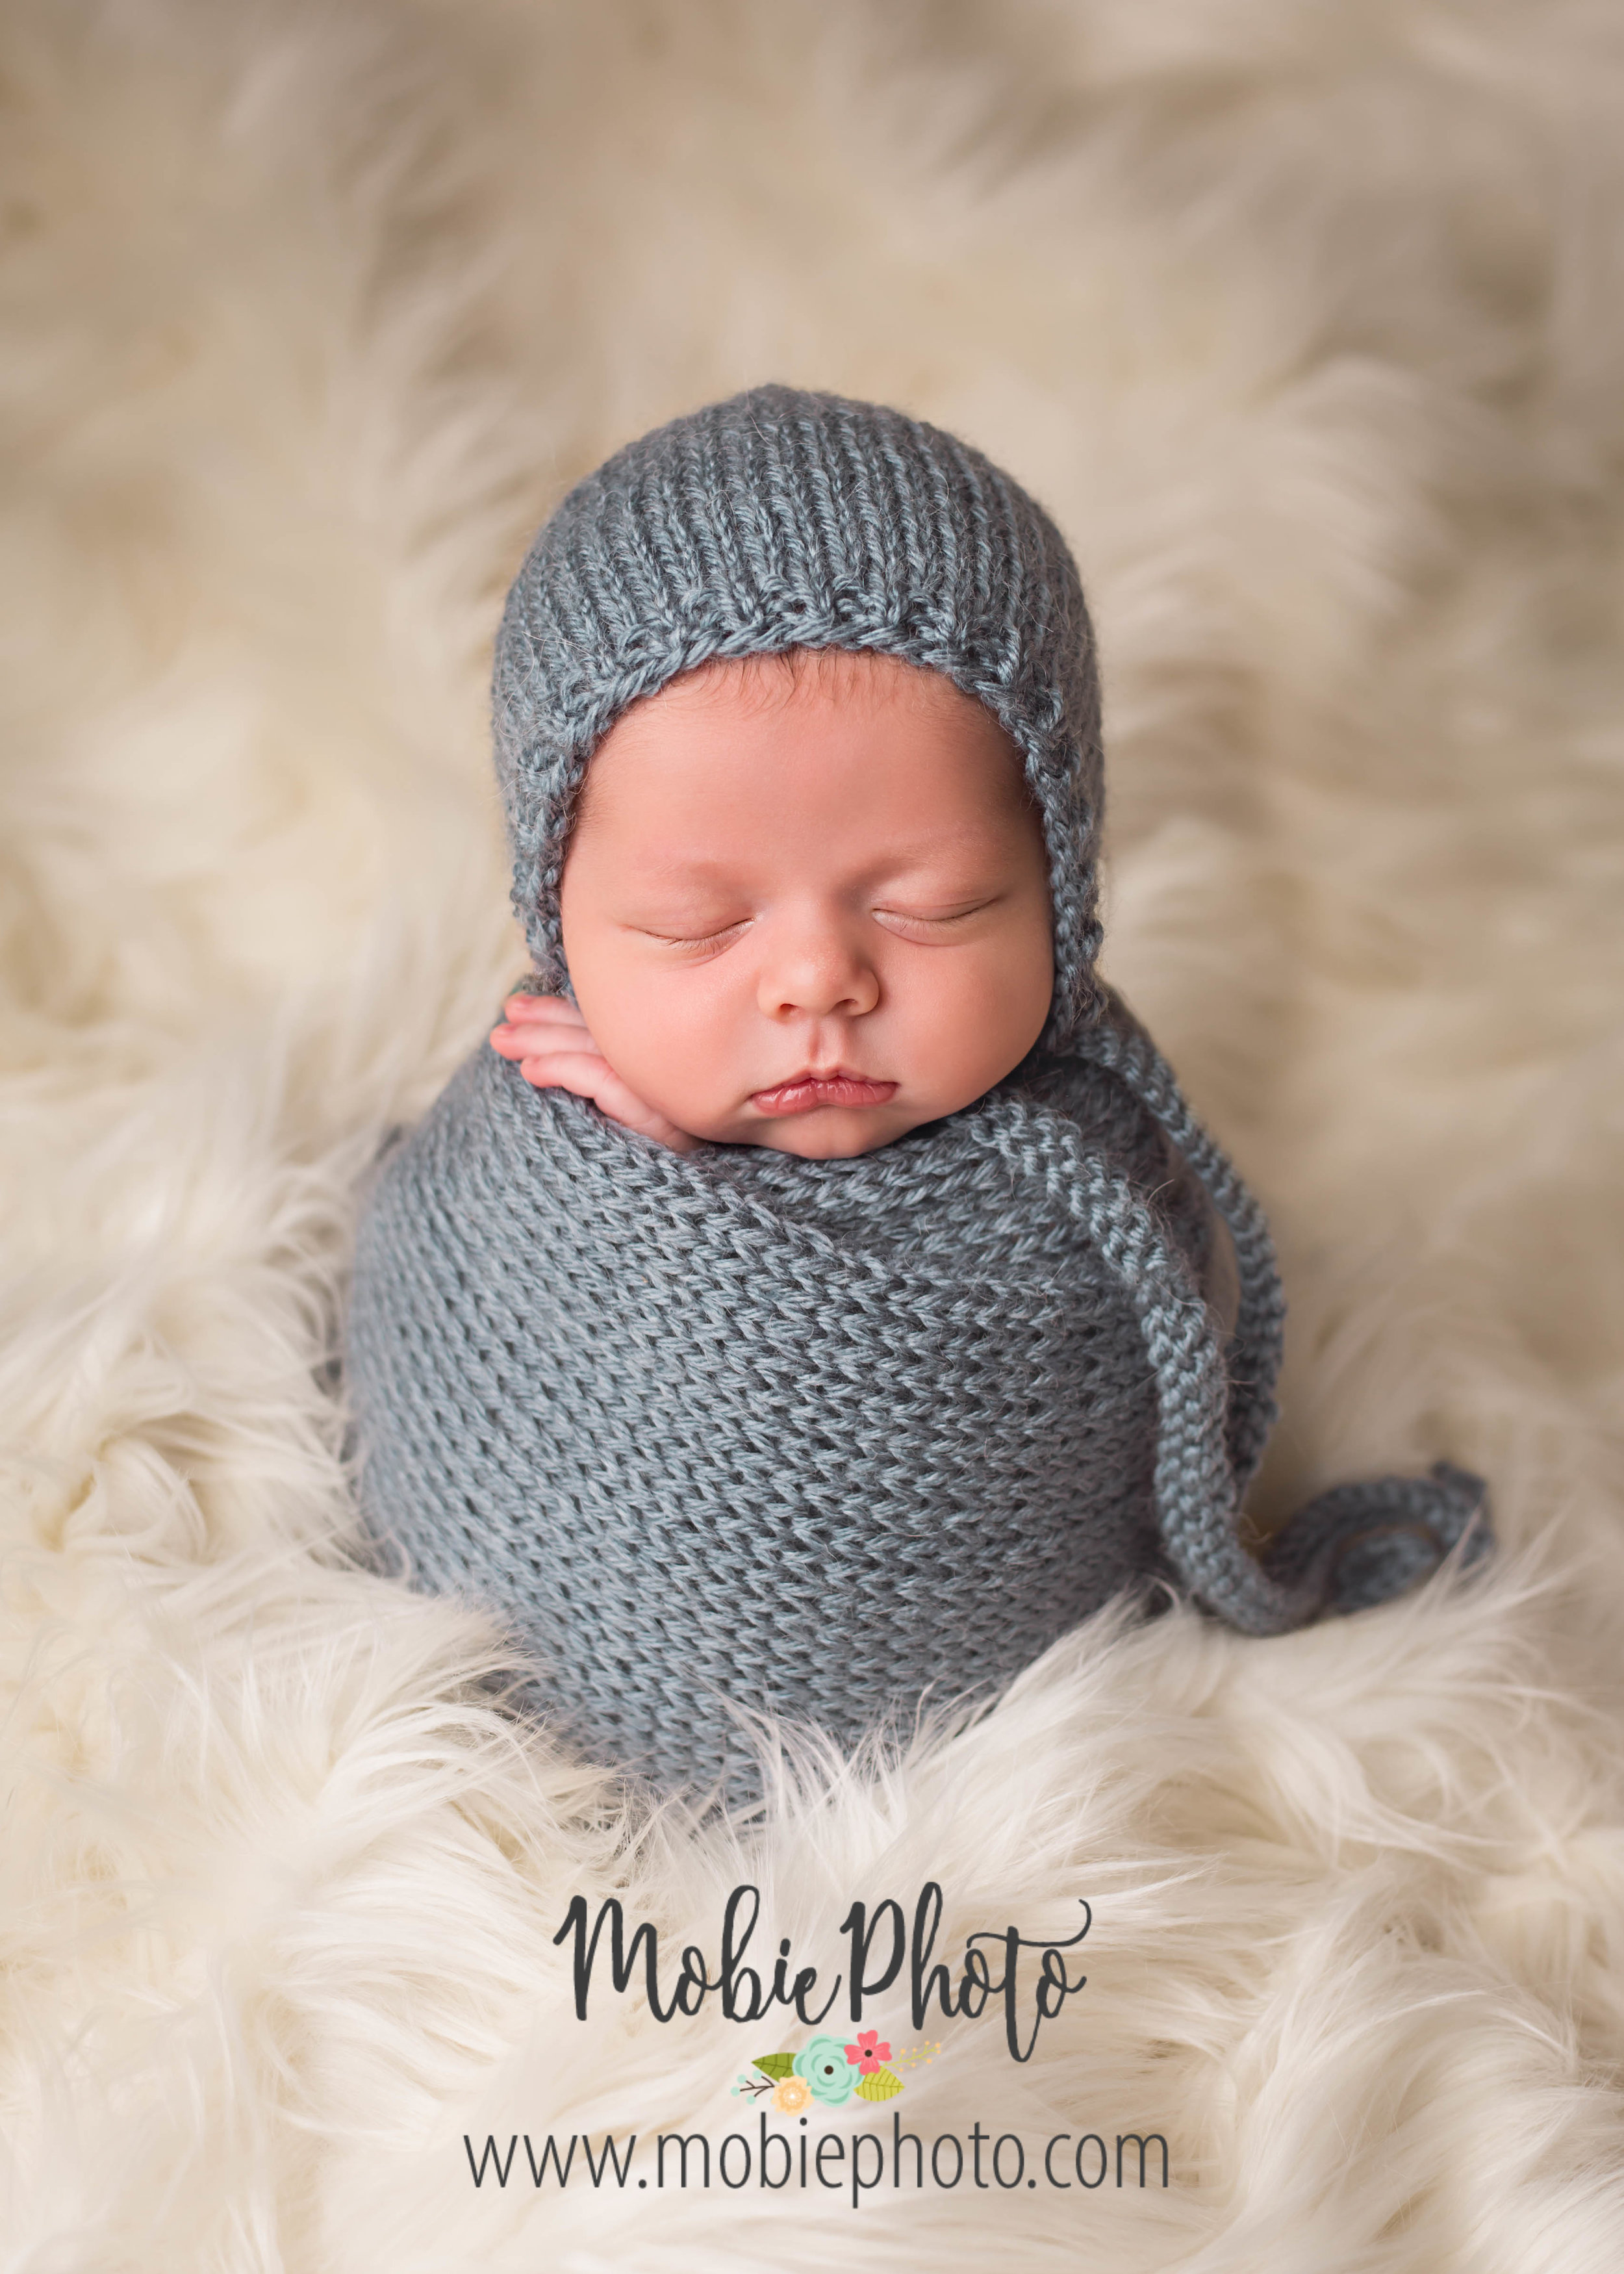 Utah Newborn Photographer - Mobie Photo